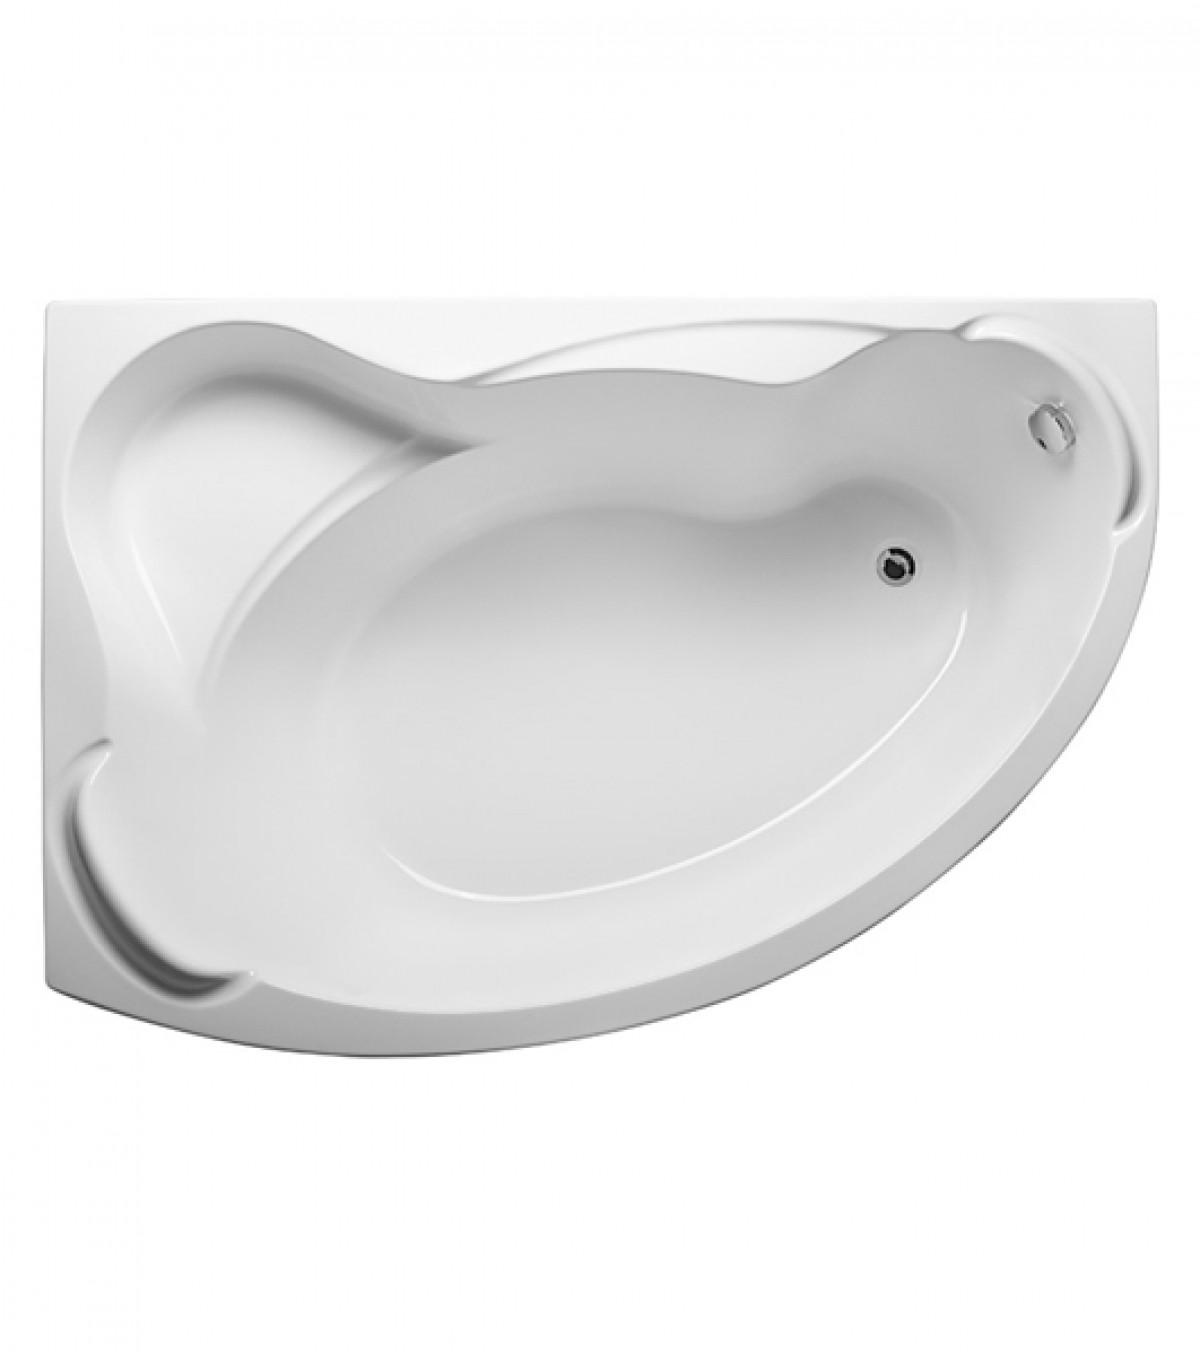 Ванна Catania 160x110 (Правая) без гидромассажа